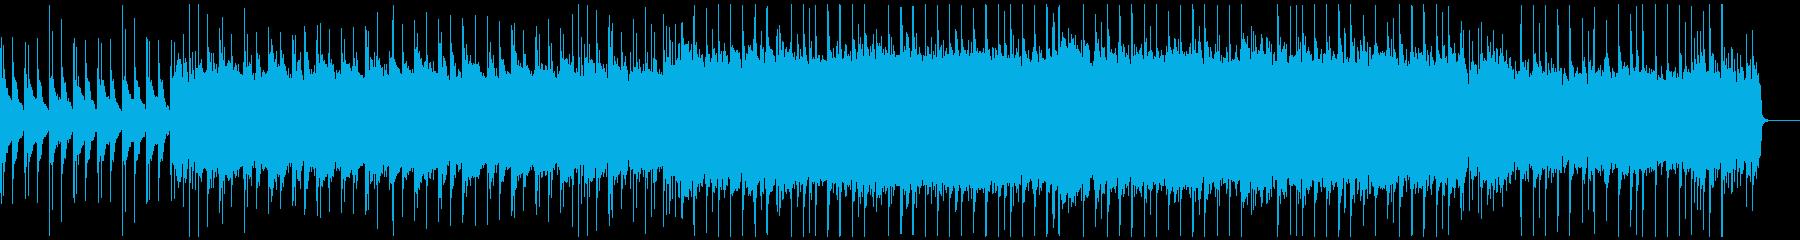 怒りバトル ハードロック ショートverの再生済みの波形